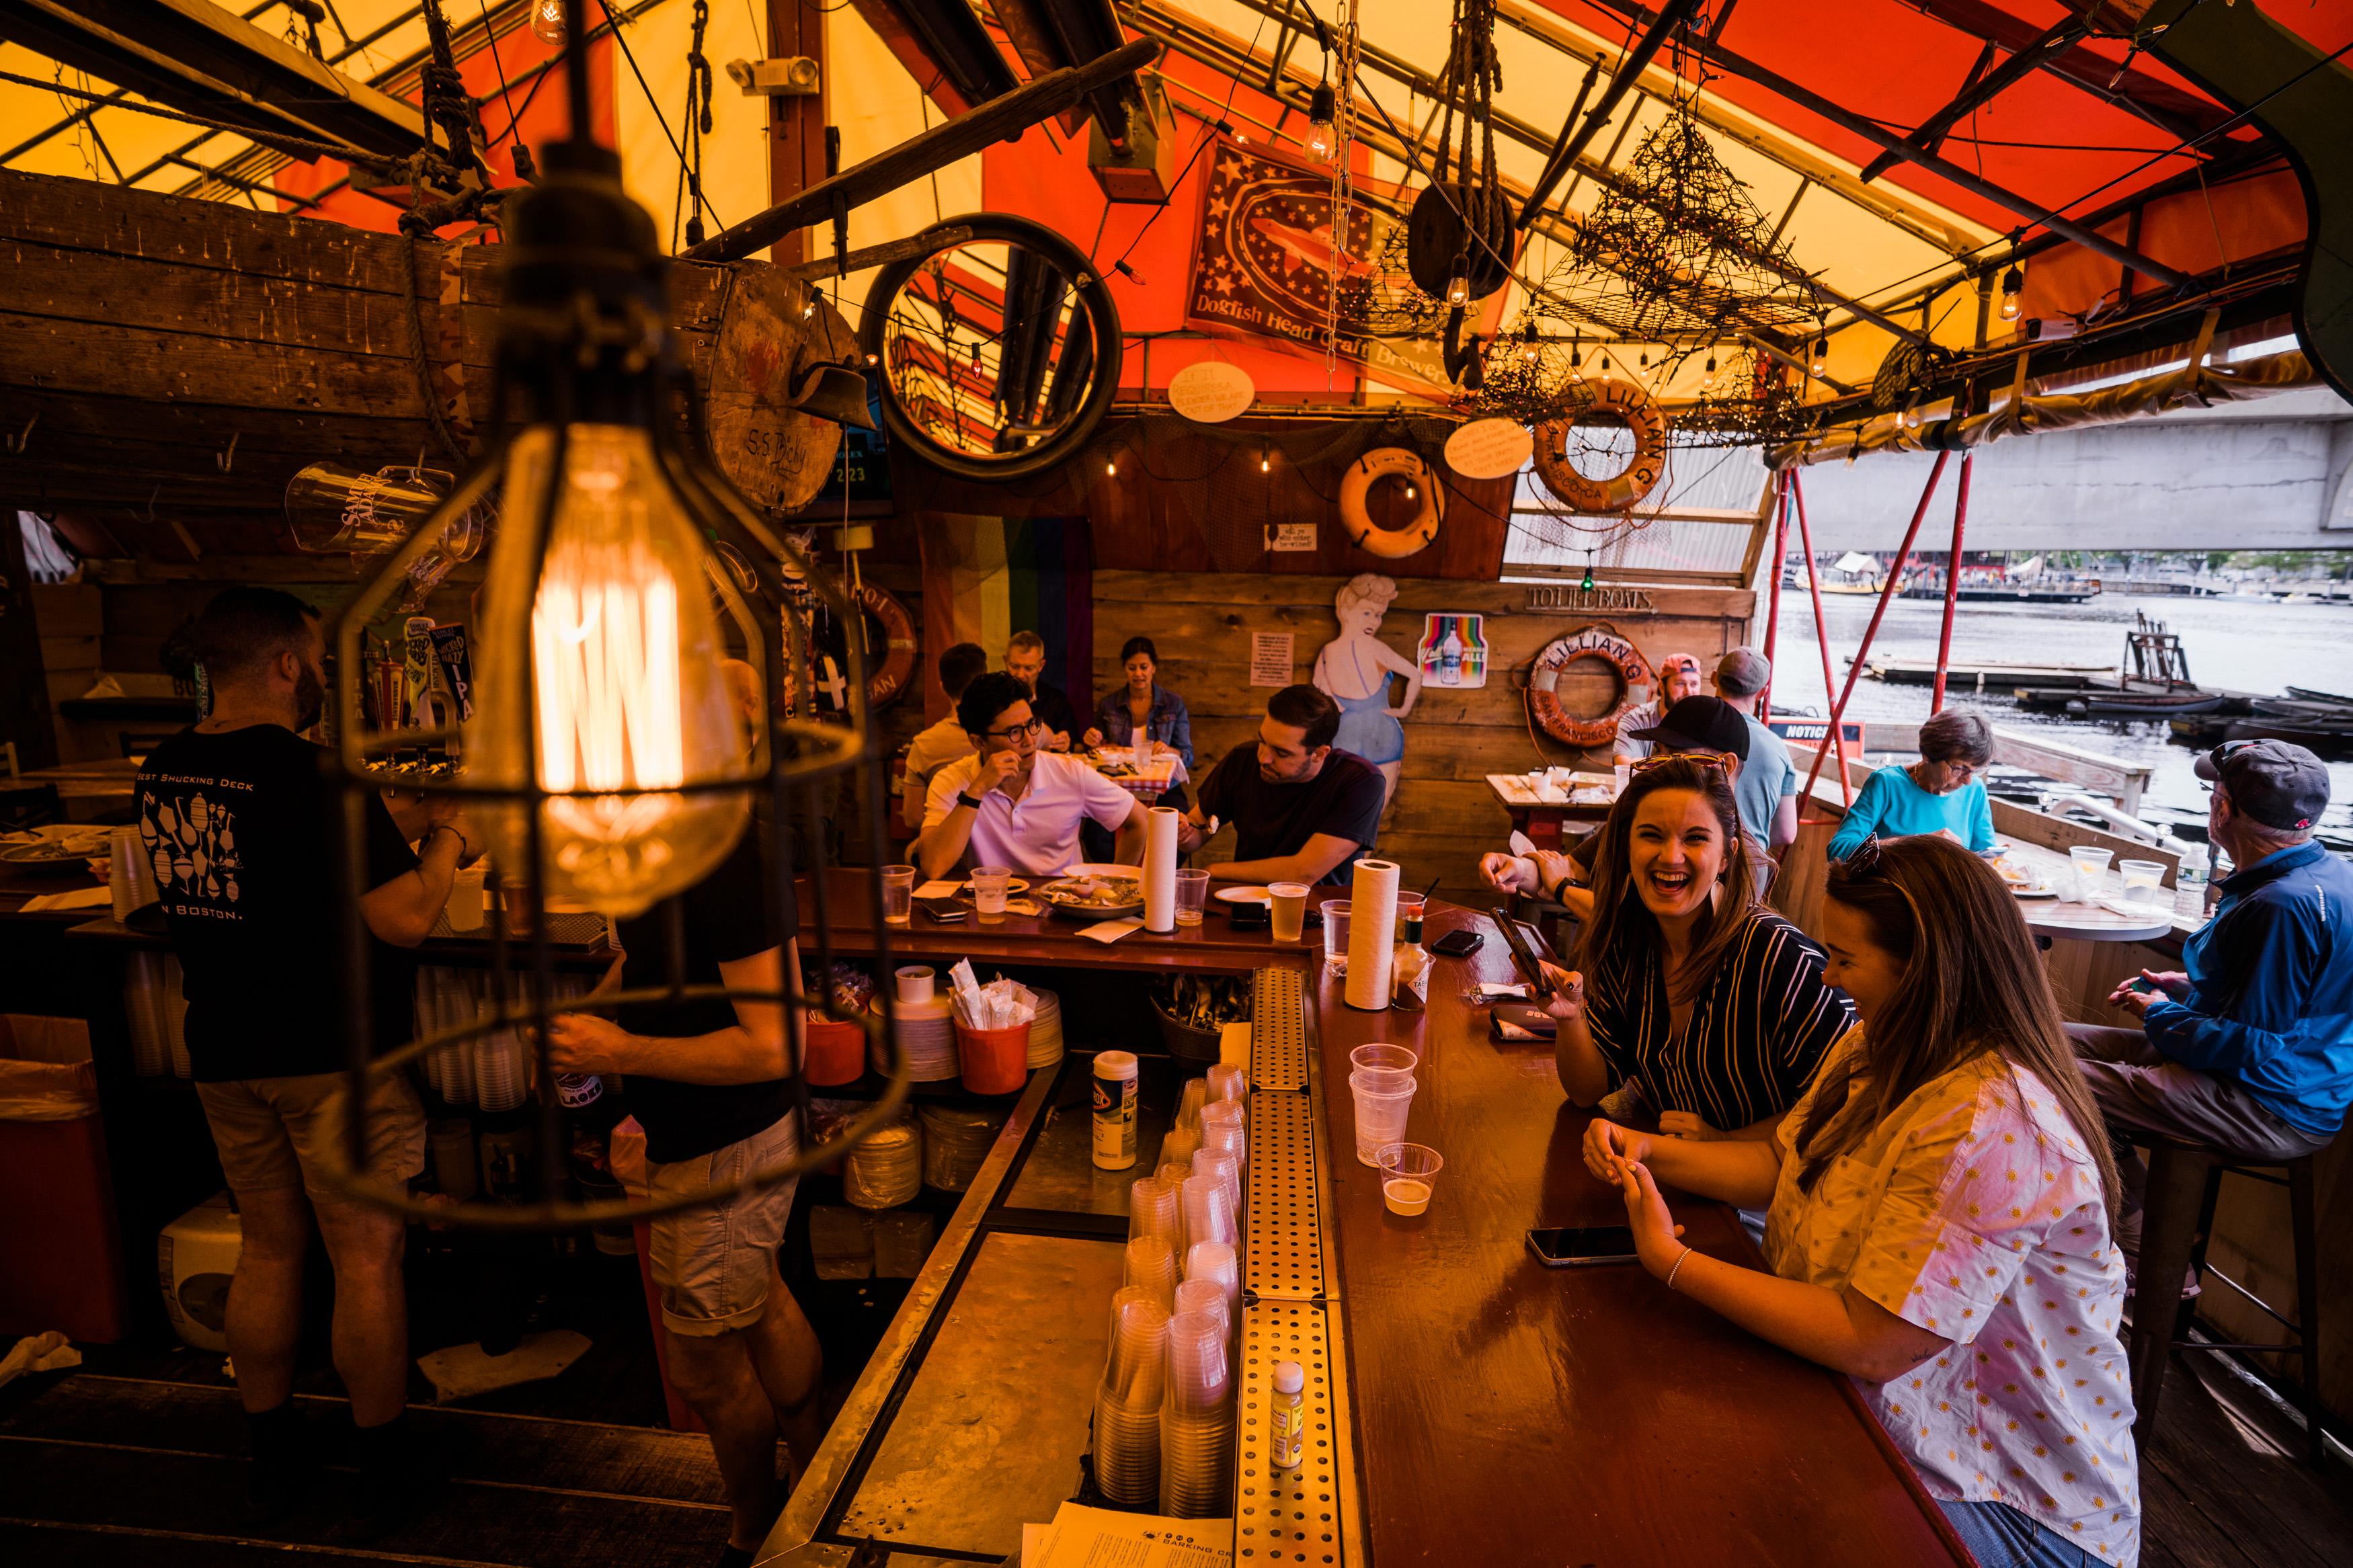 Customers eating at The Barking Crab